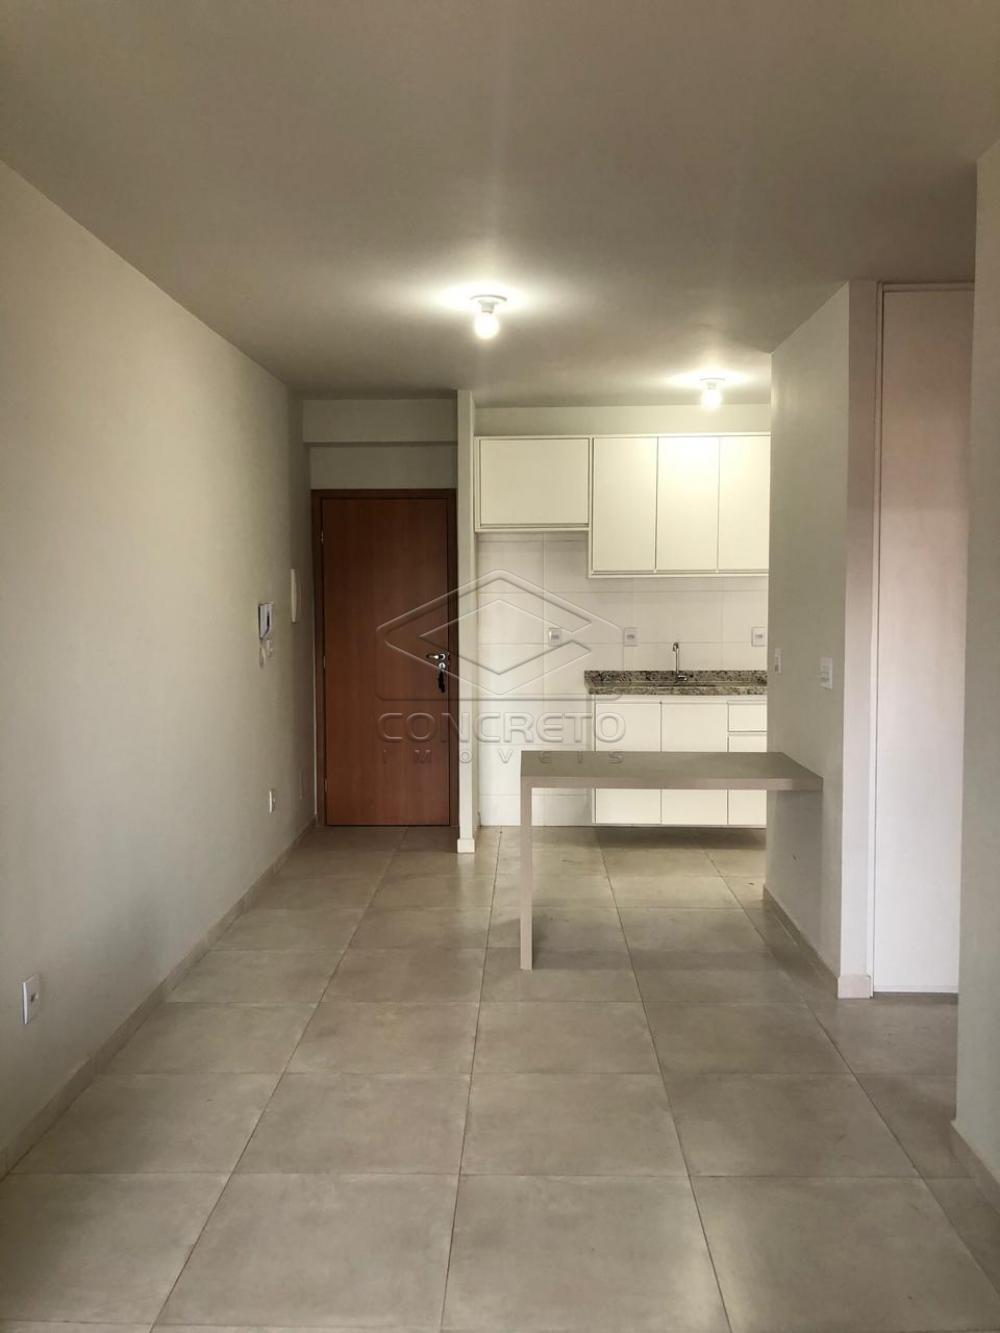 Alugar Apartamento / Padrão em Bauru apenas R$ 1.000,00 - Foto 7